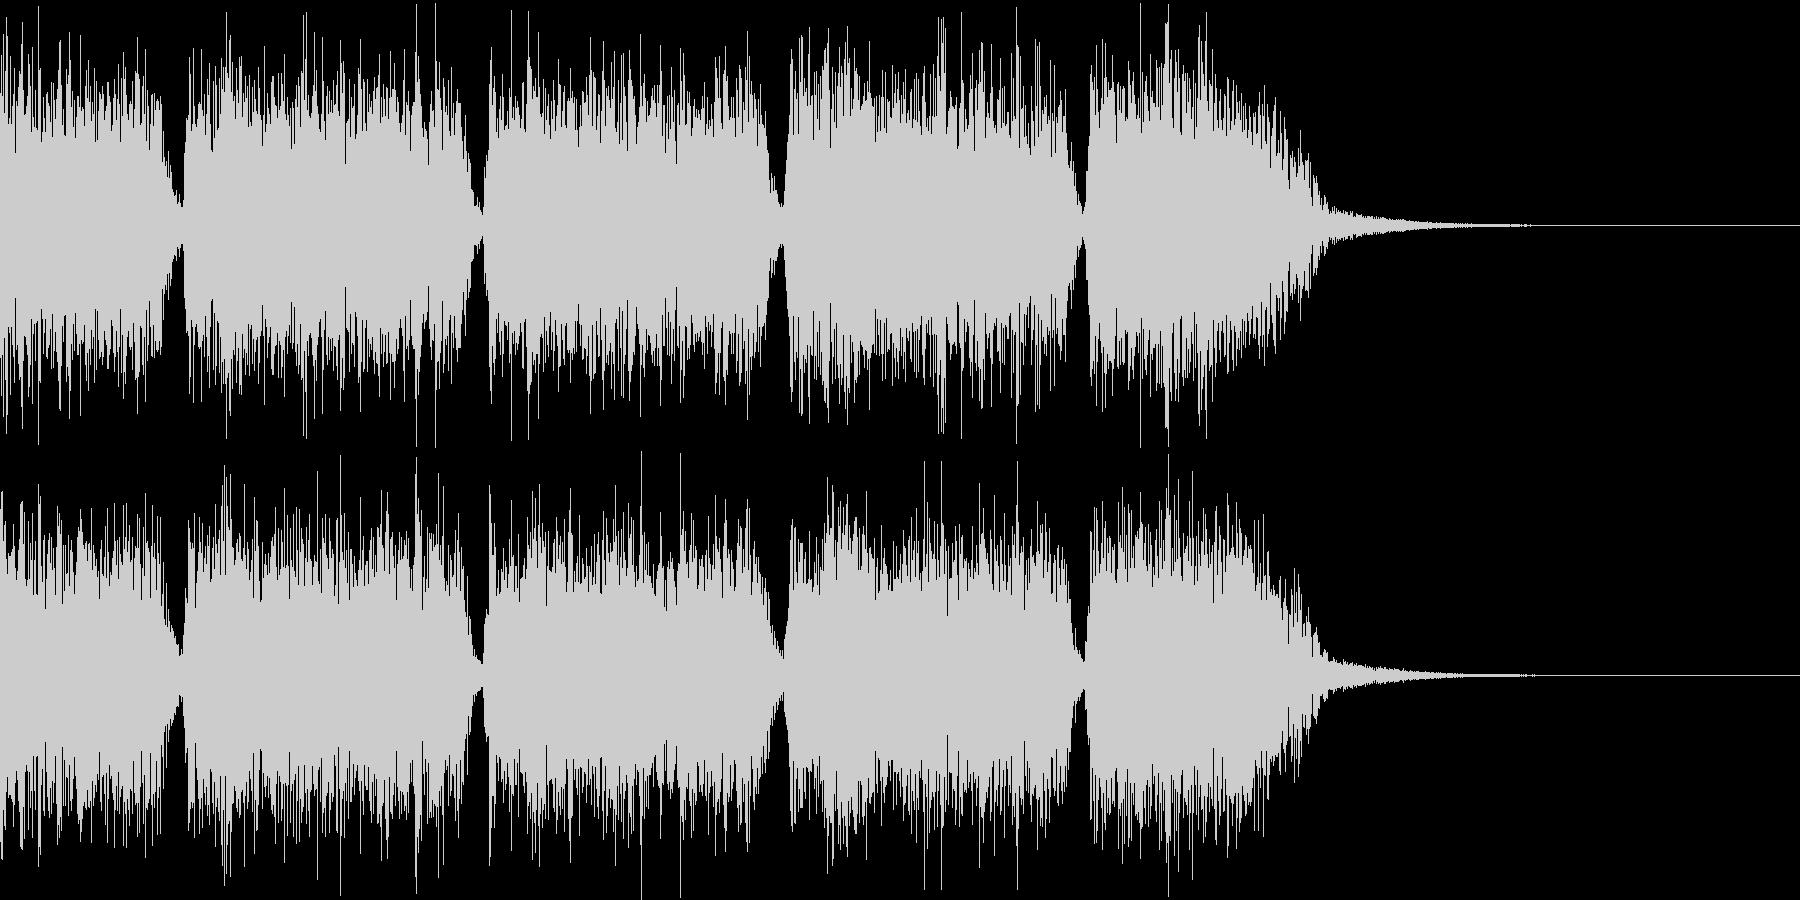 エネルギッシュ・ロックなサウンドロゴ02の未再生の波形